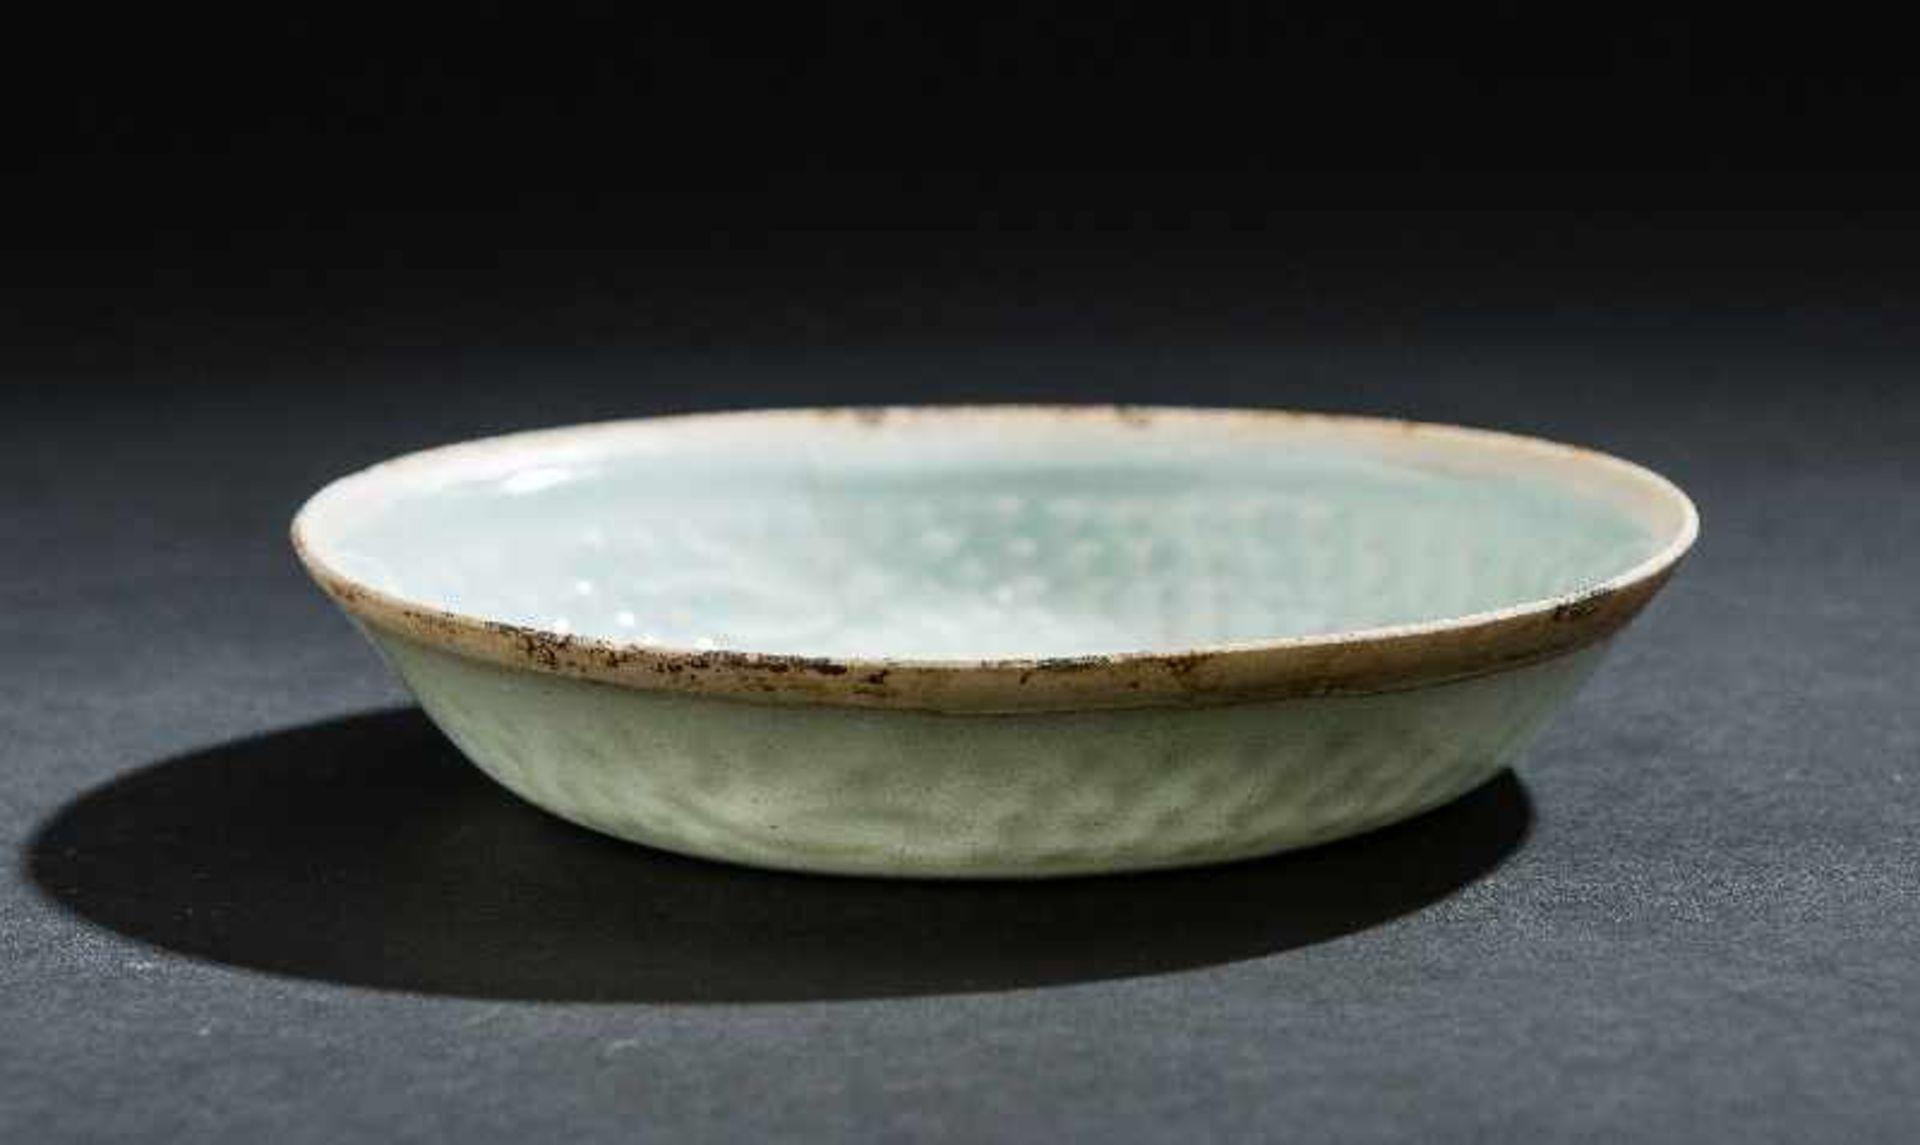 SCHÄLCHEN MIT FISCHENProtoporzellan. China, Song-Dynastie, ca. 10 – 12. Jh. Dieses dünnwandinge - Image 4 of 5